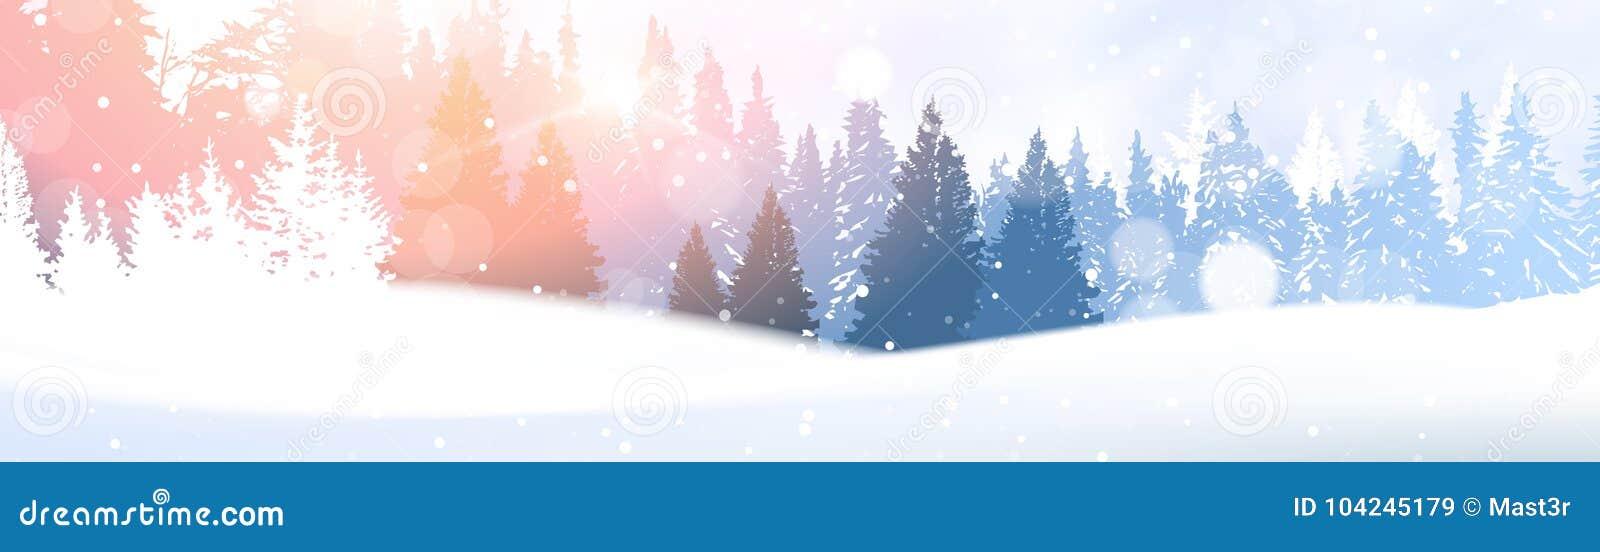 Dag op van de het Landschaps Witte Sneeuwpijnboom van de Winterforest glowing snow under sunshine de Bosachtergrond van het de Bo